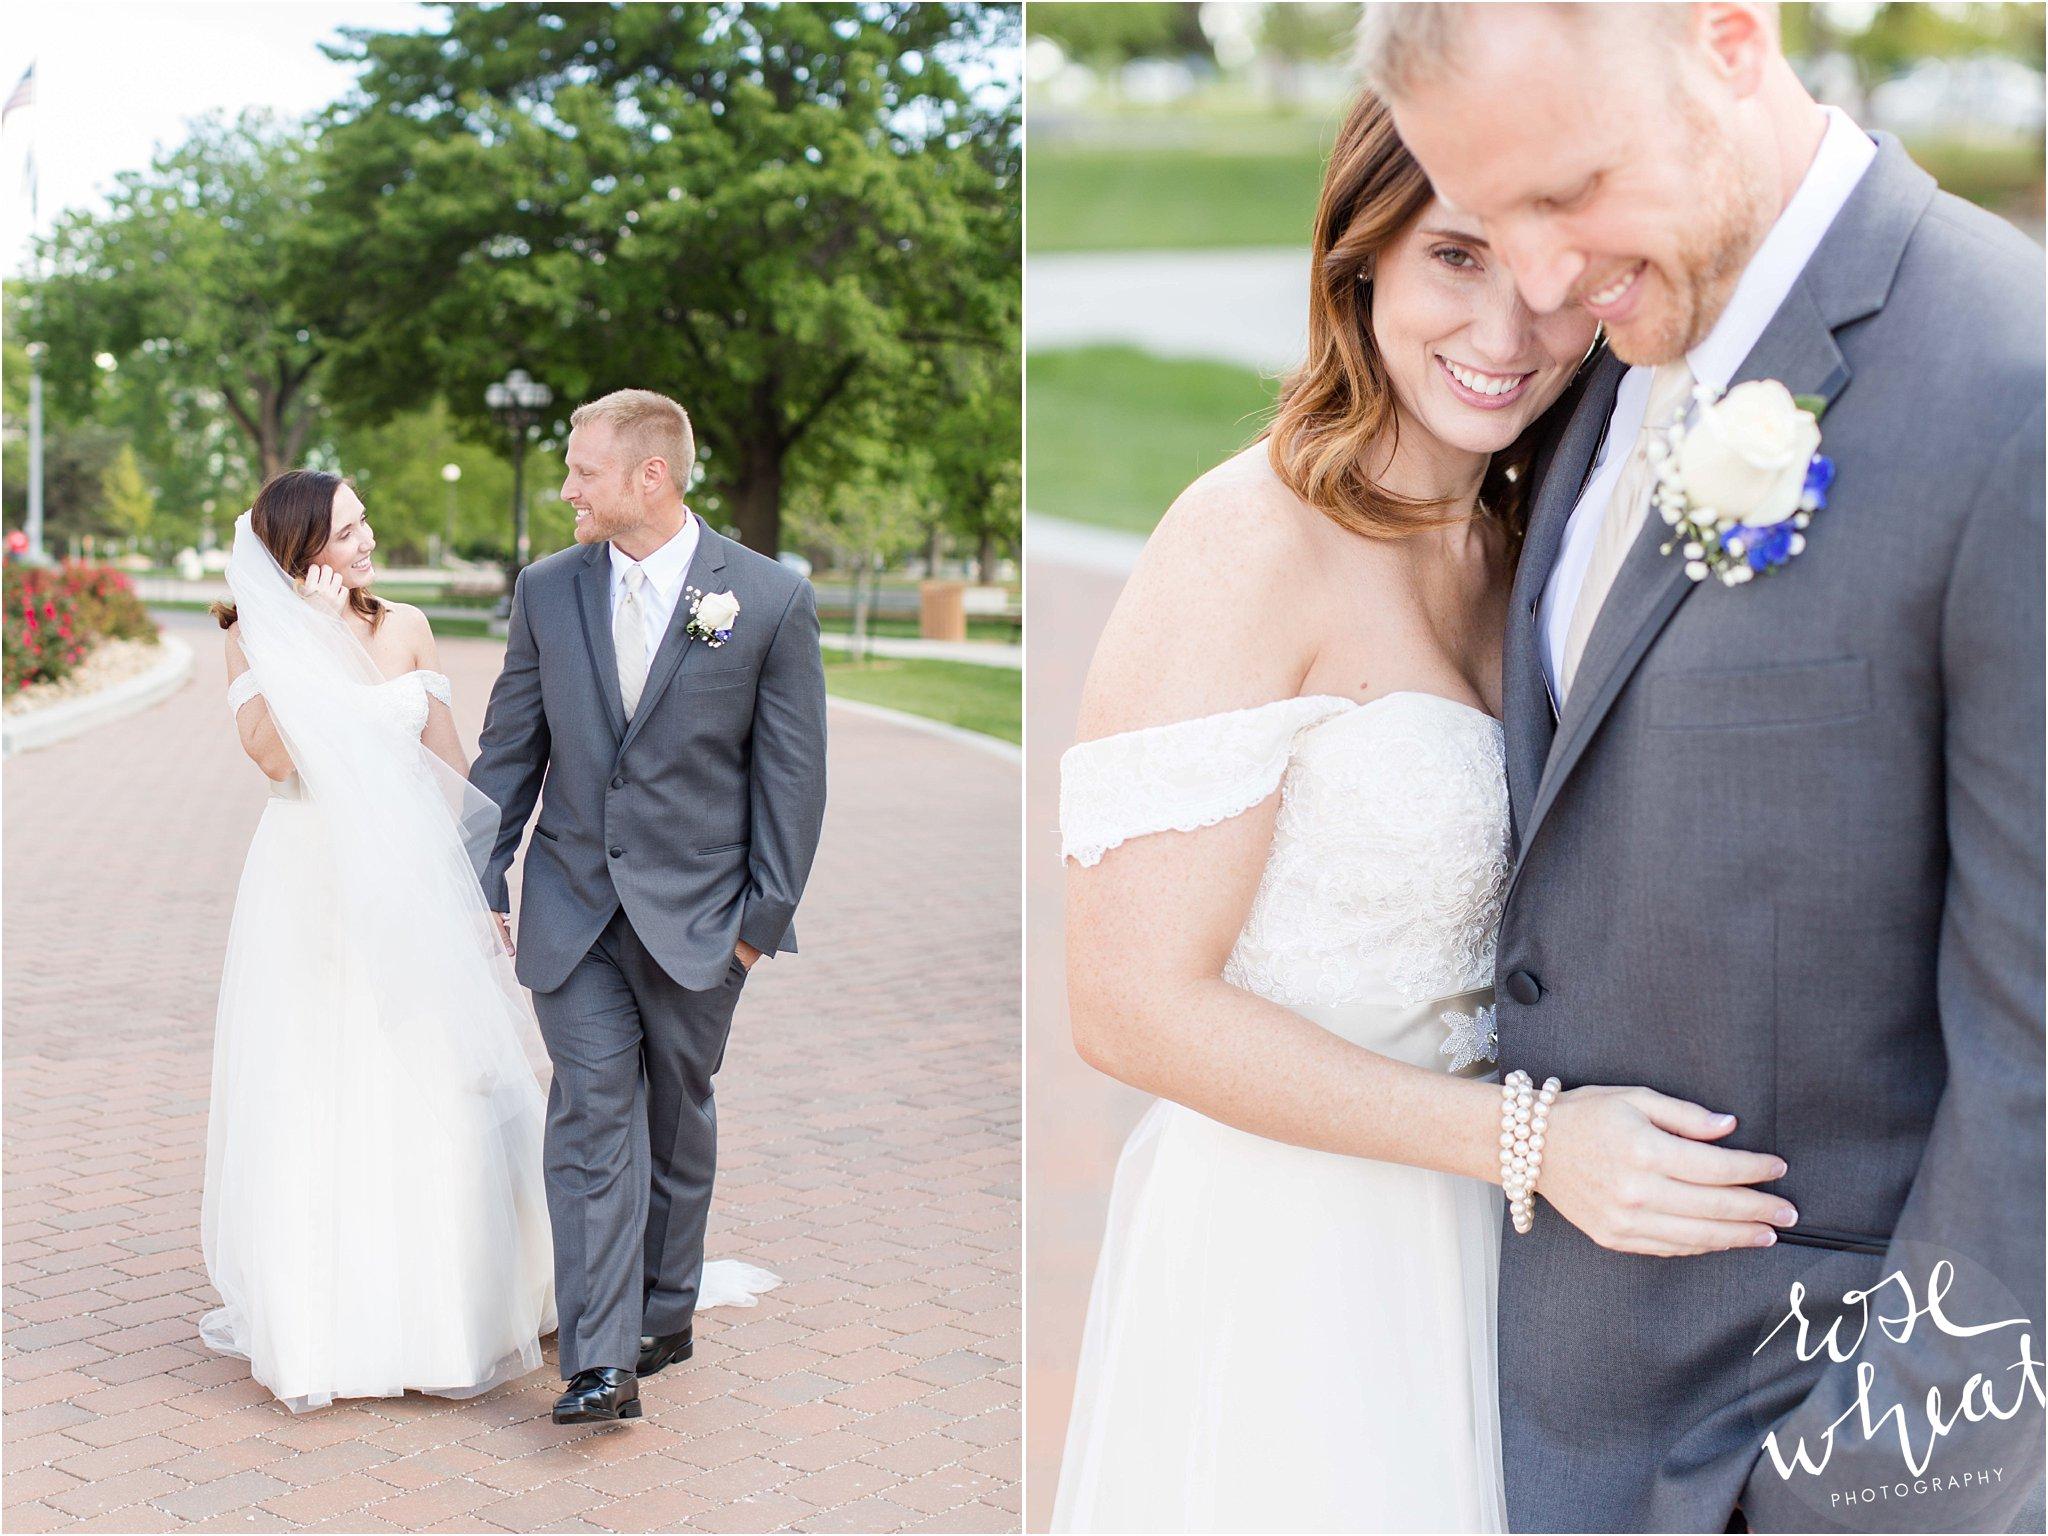 0430028. Topeka Kansas State Capitol Wedding.JPG